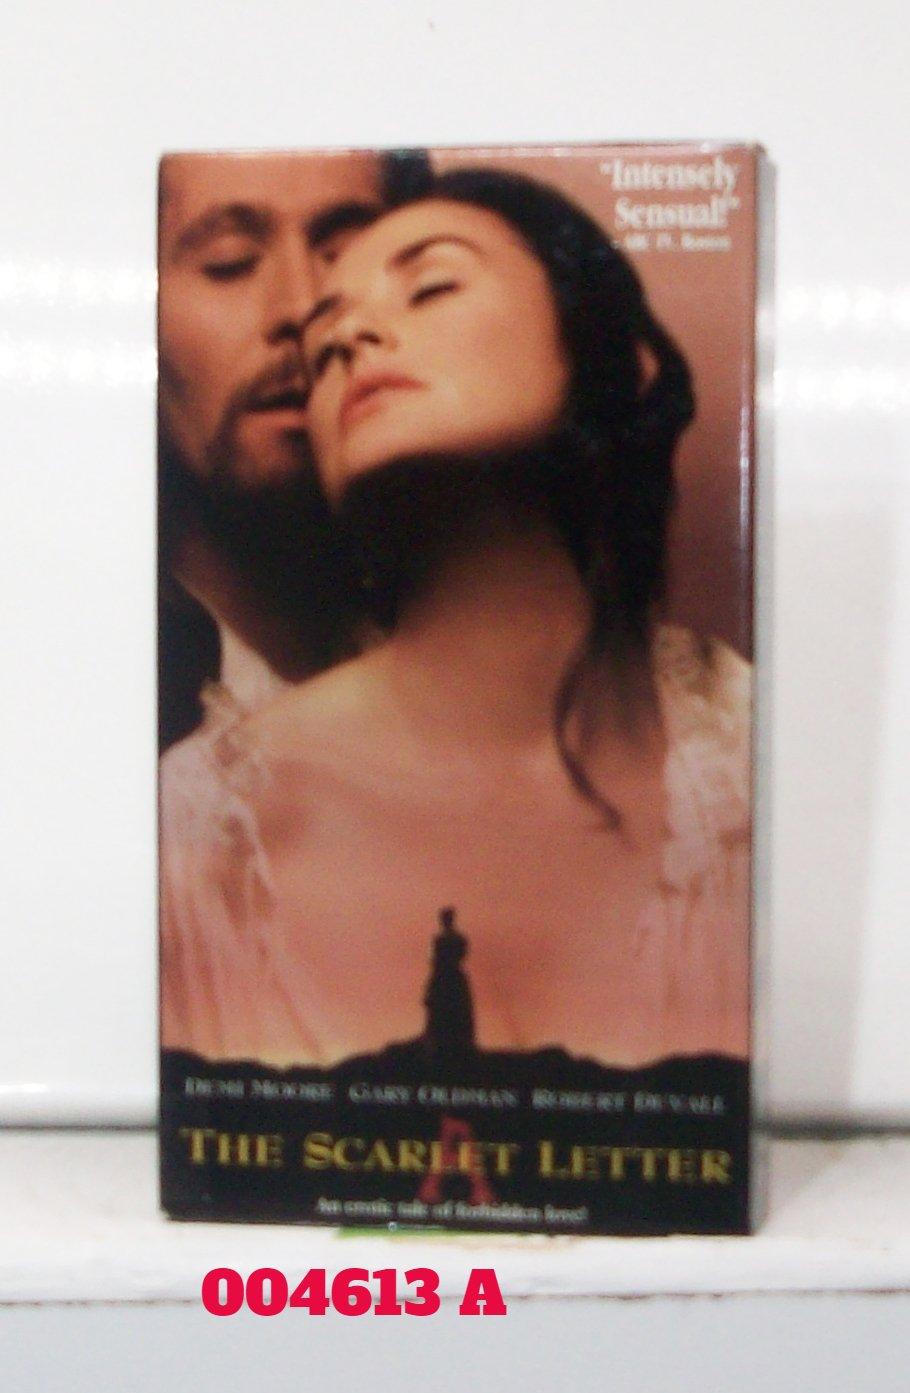 VHS - SCARLET LETTER, THE